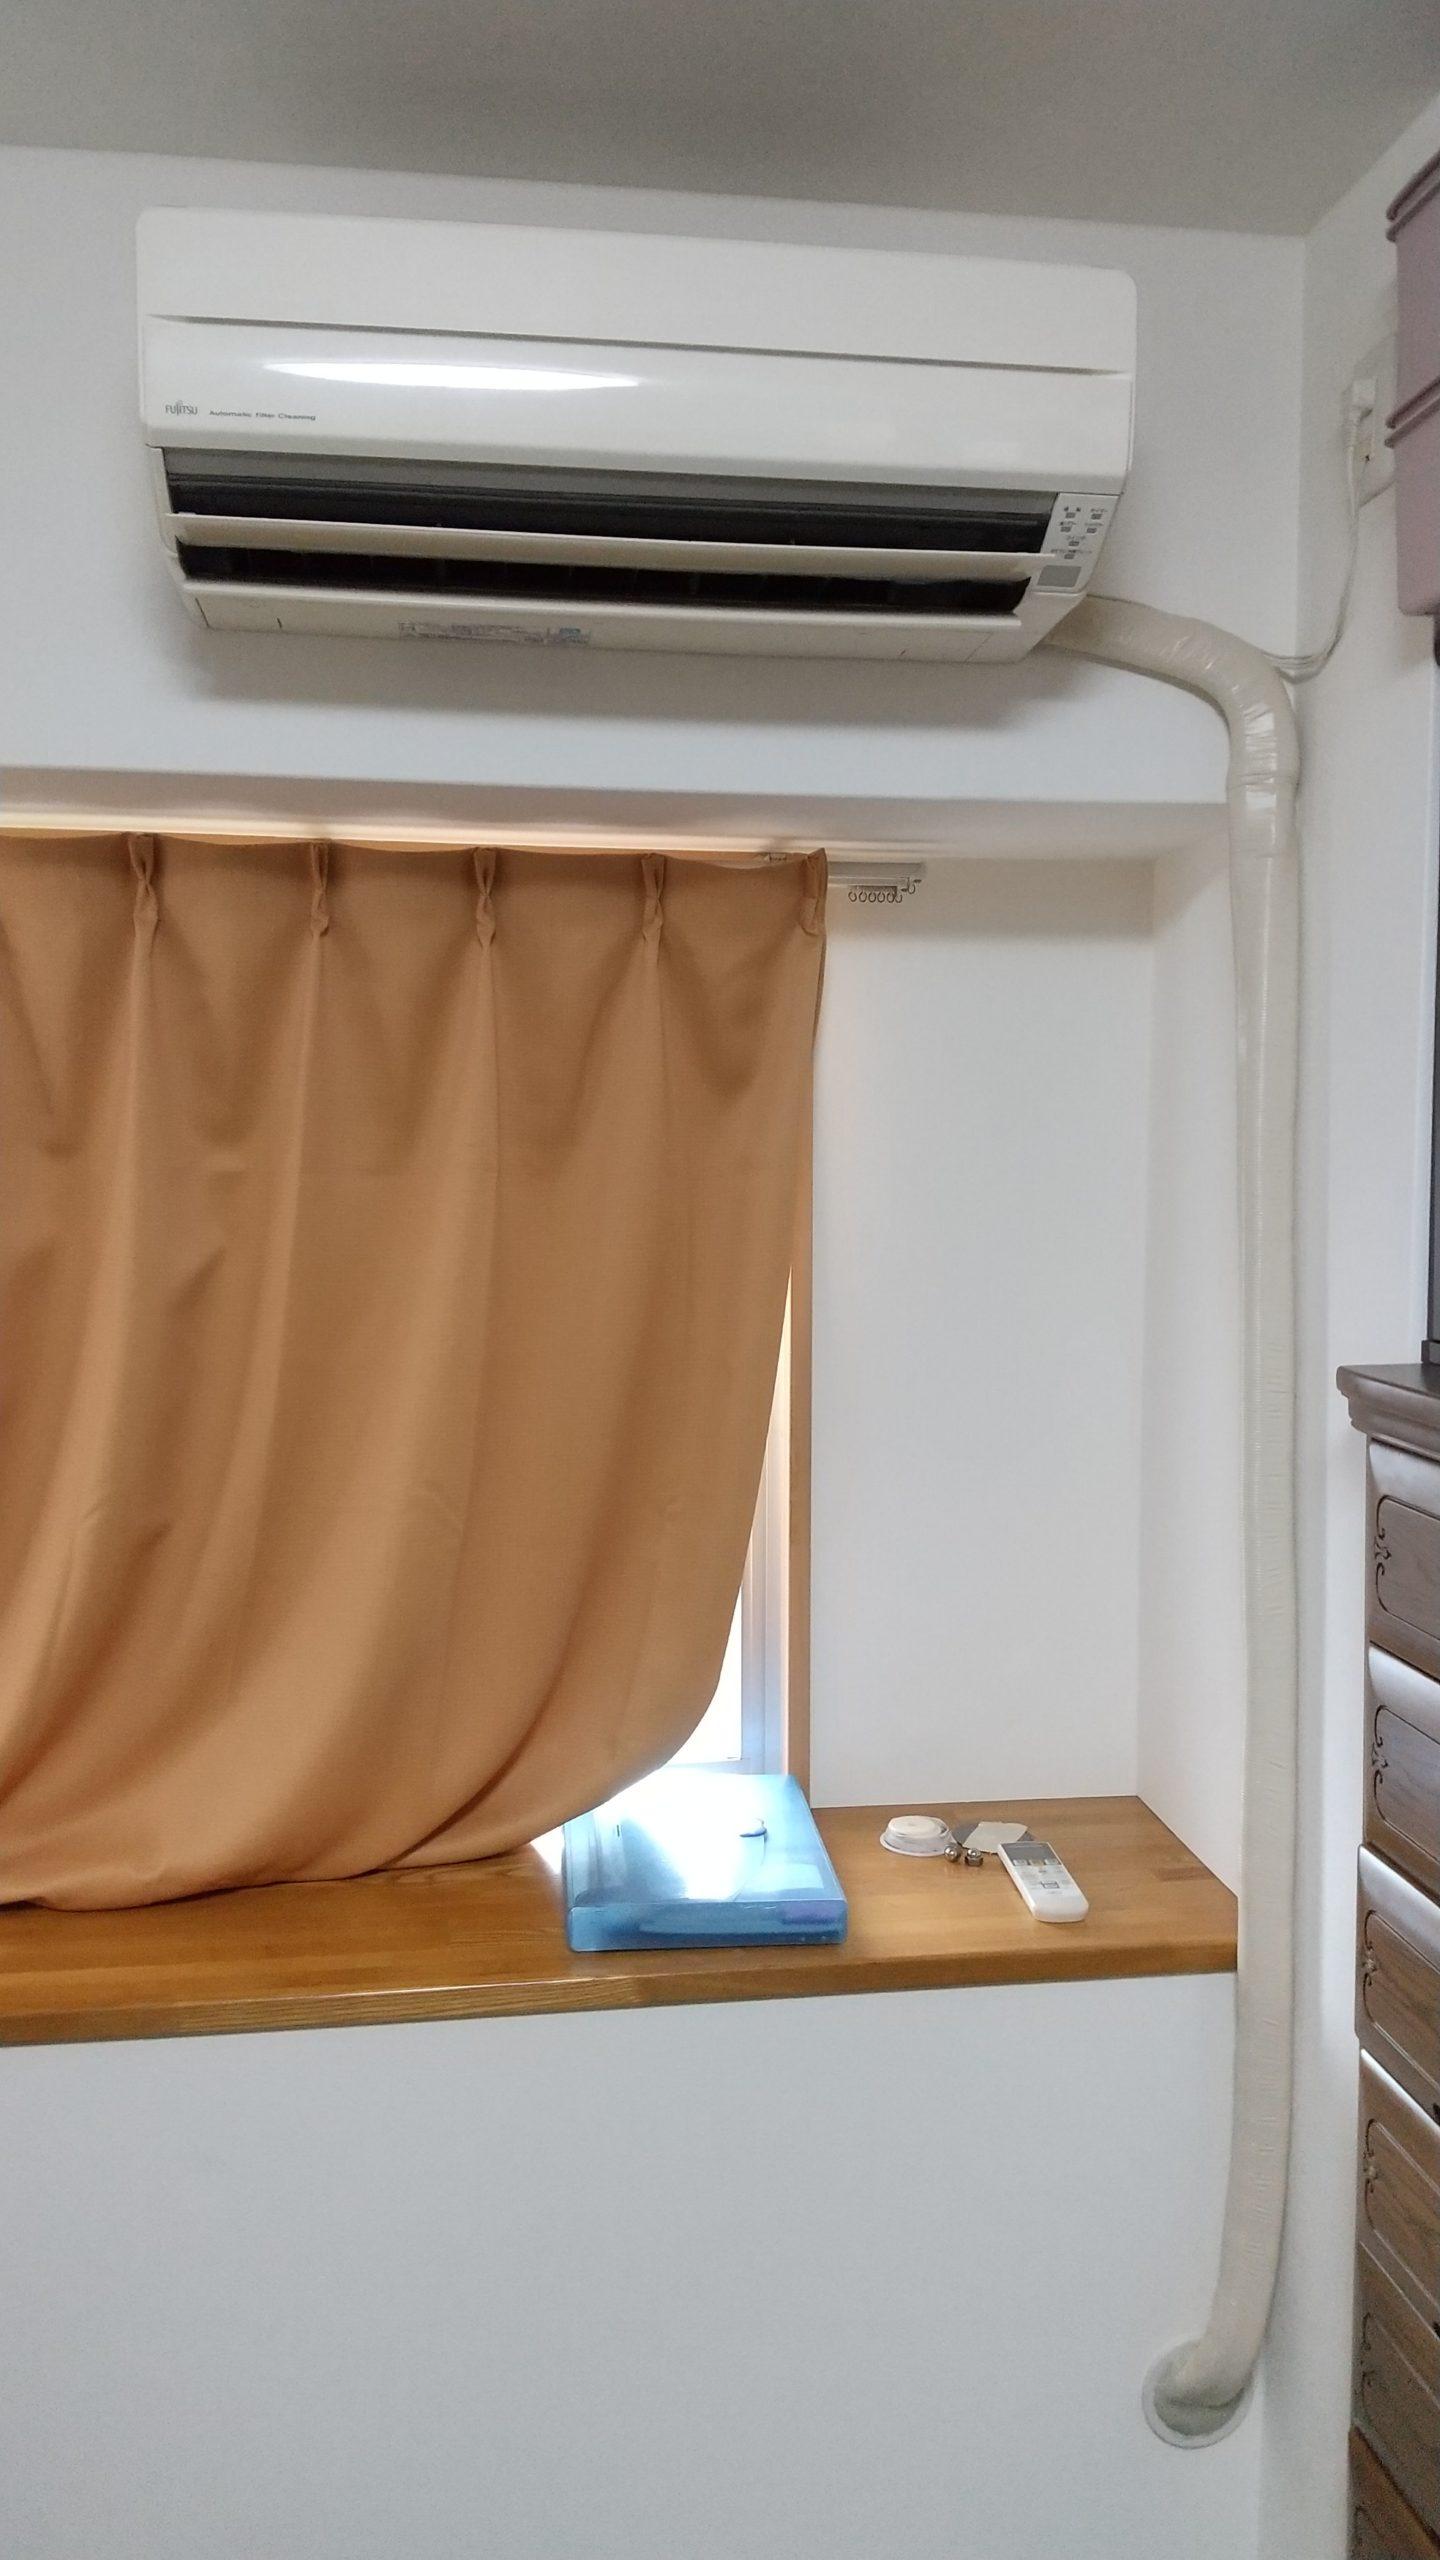 配管貫通穴が下の為、室内での配管露出部分が多いです。